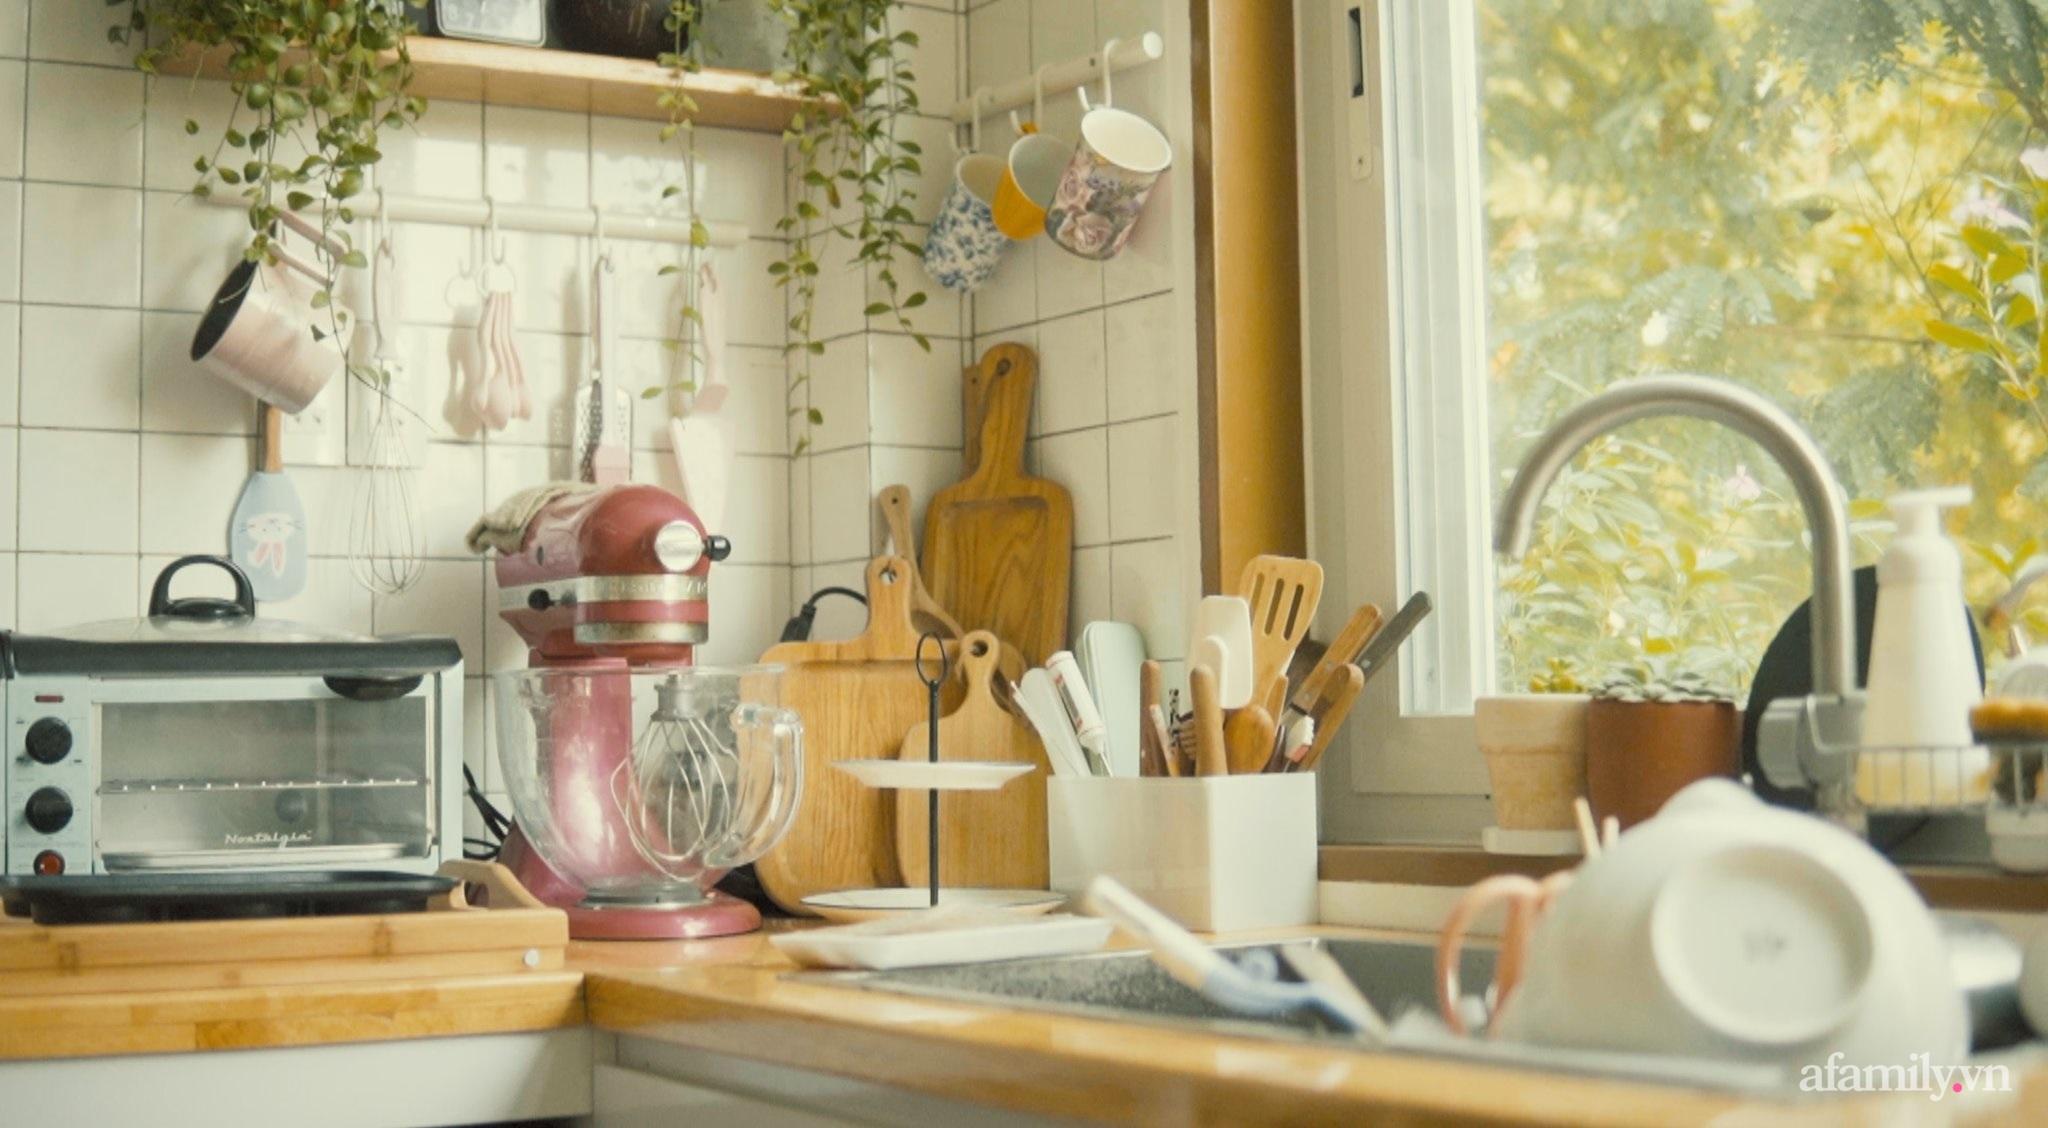 """Căn bếp """"lạ đời"""" trên tầng 4 trong căn nhà phố Sài Gòn luôn thơm nức mùi bơ bánh - Ảnh 9."""